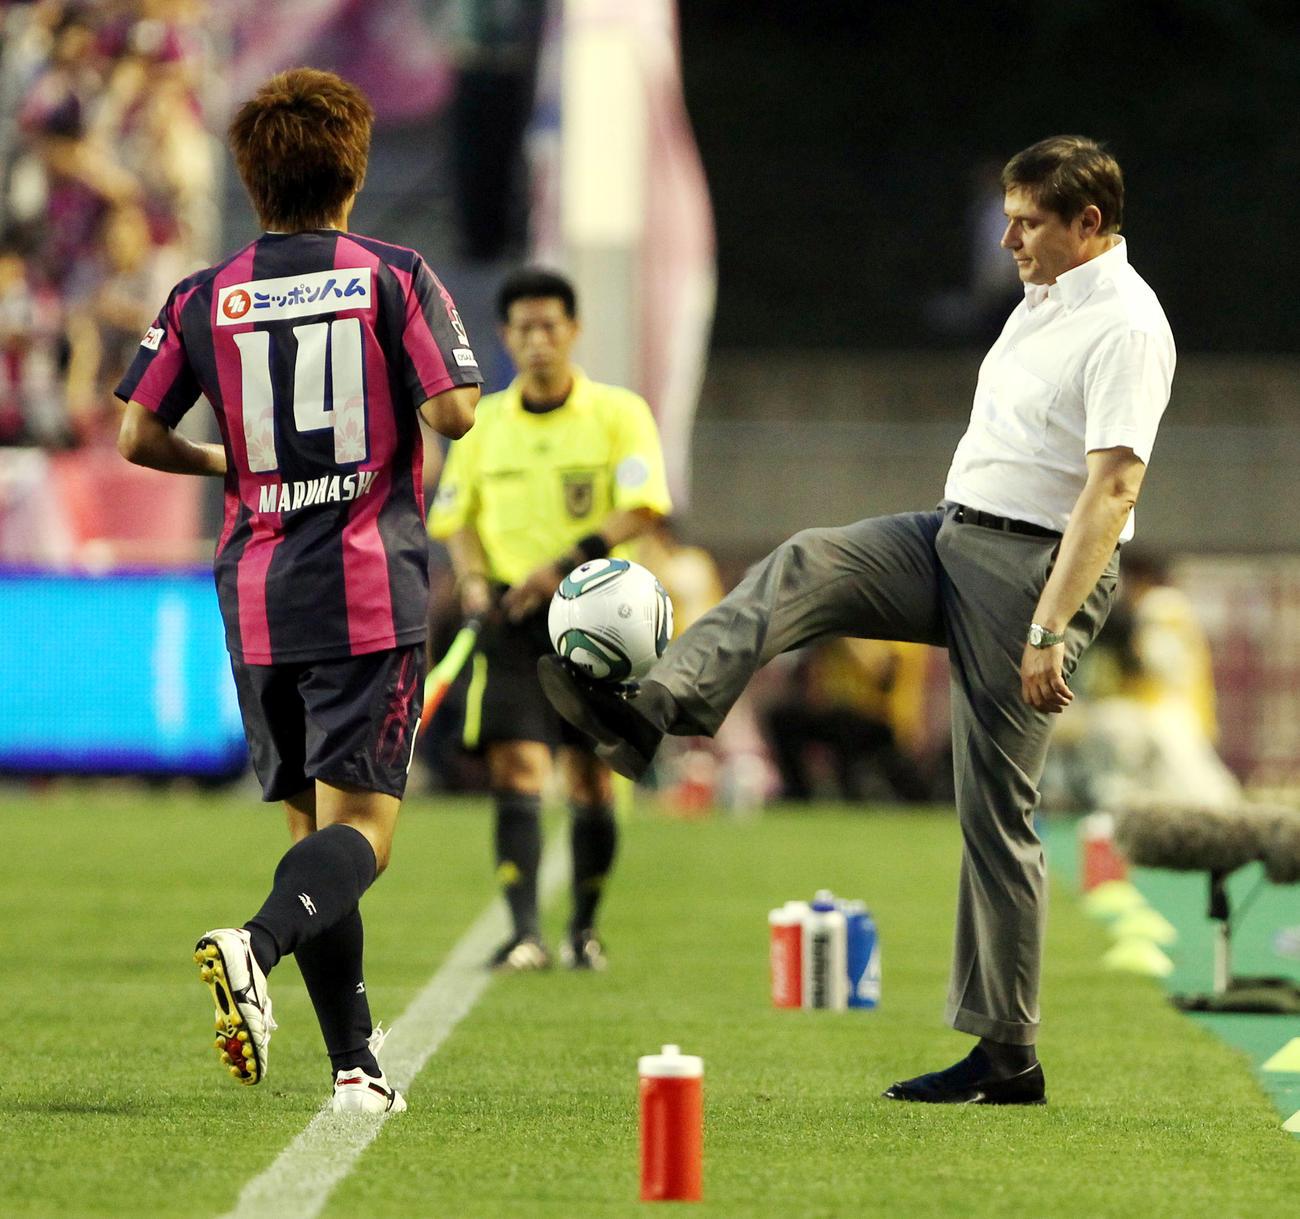 11年6月、C大阪対名古屋 タッチラインを割ったボールを足でキープしたまま渡す名古屋ストイコビッチ監督